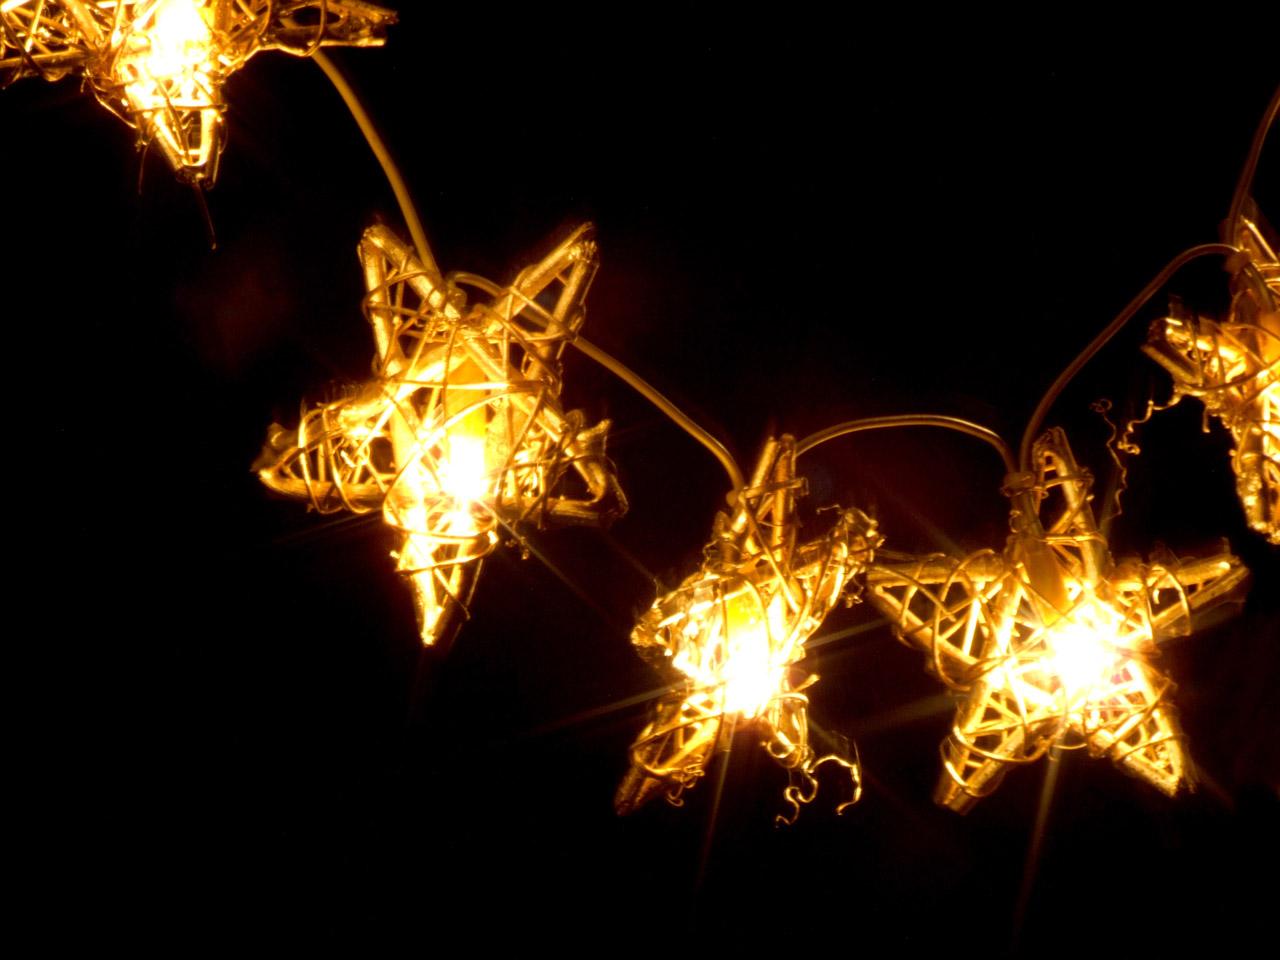 Full Size of Weihnachtsbeleuchtung Fenster Mit Lichterketten Kreative Tipps Dreh Kipp Aron Einbauen Kosten Insektenschutz Für Einbruchschutzfolie Jalousien Bodentiefe Fenster Weihnachtsbeleuchtung Fenster